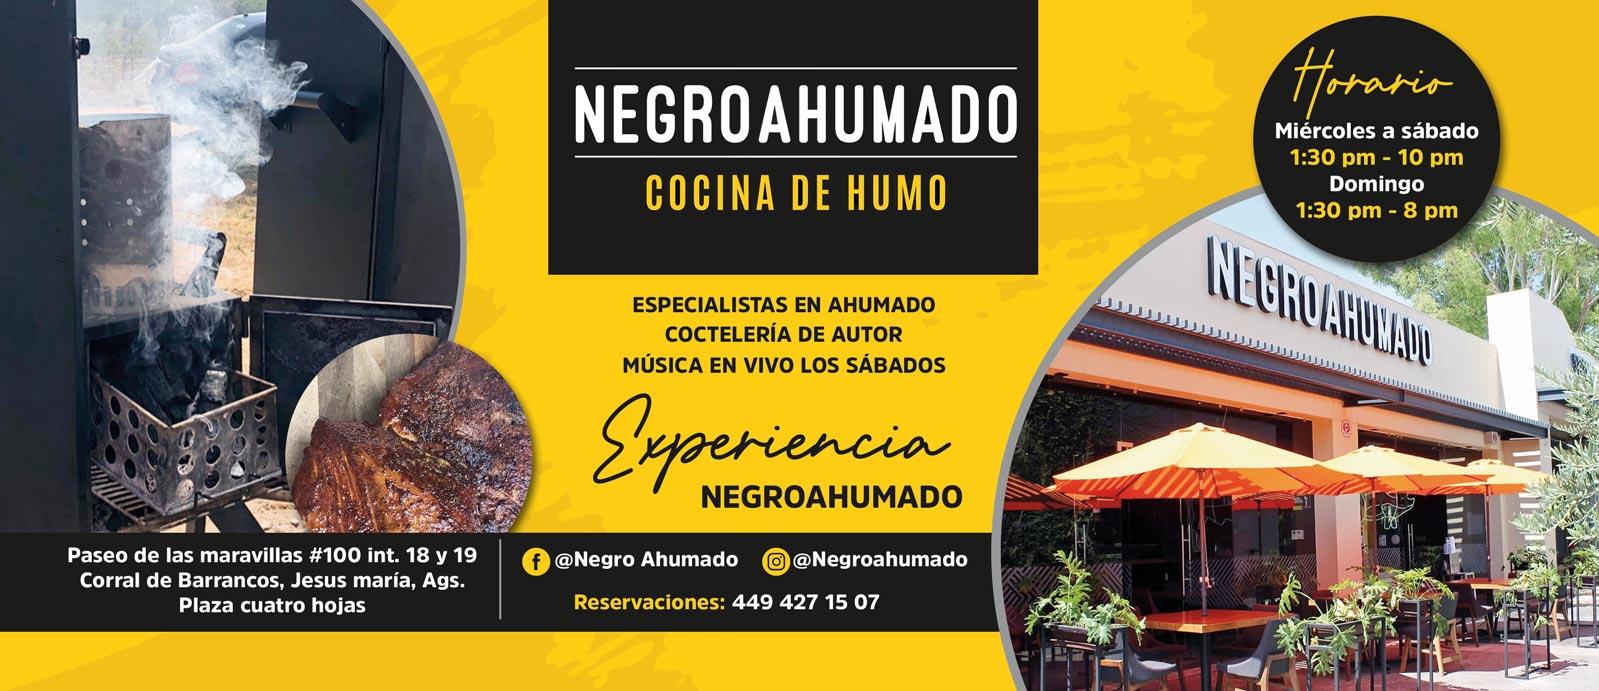 NEGRO-AHUMADO-TERCIO-H